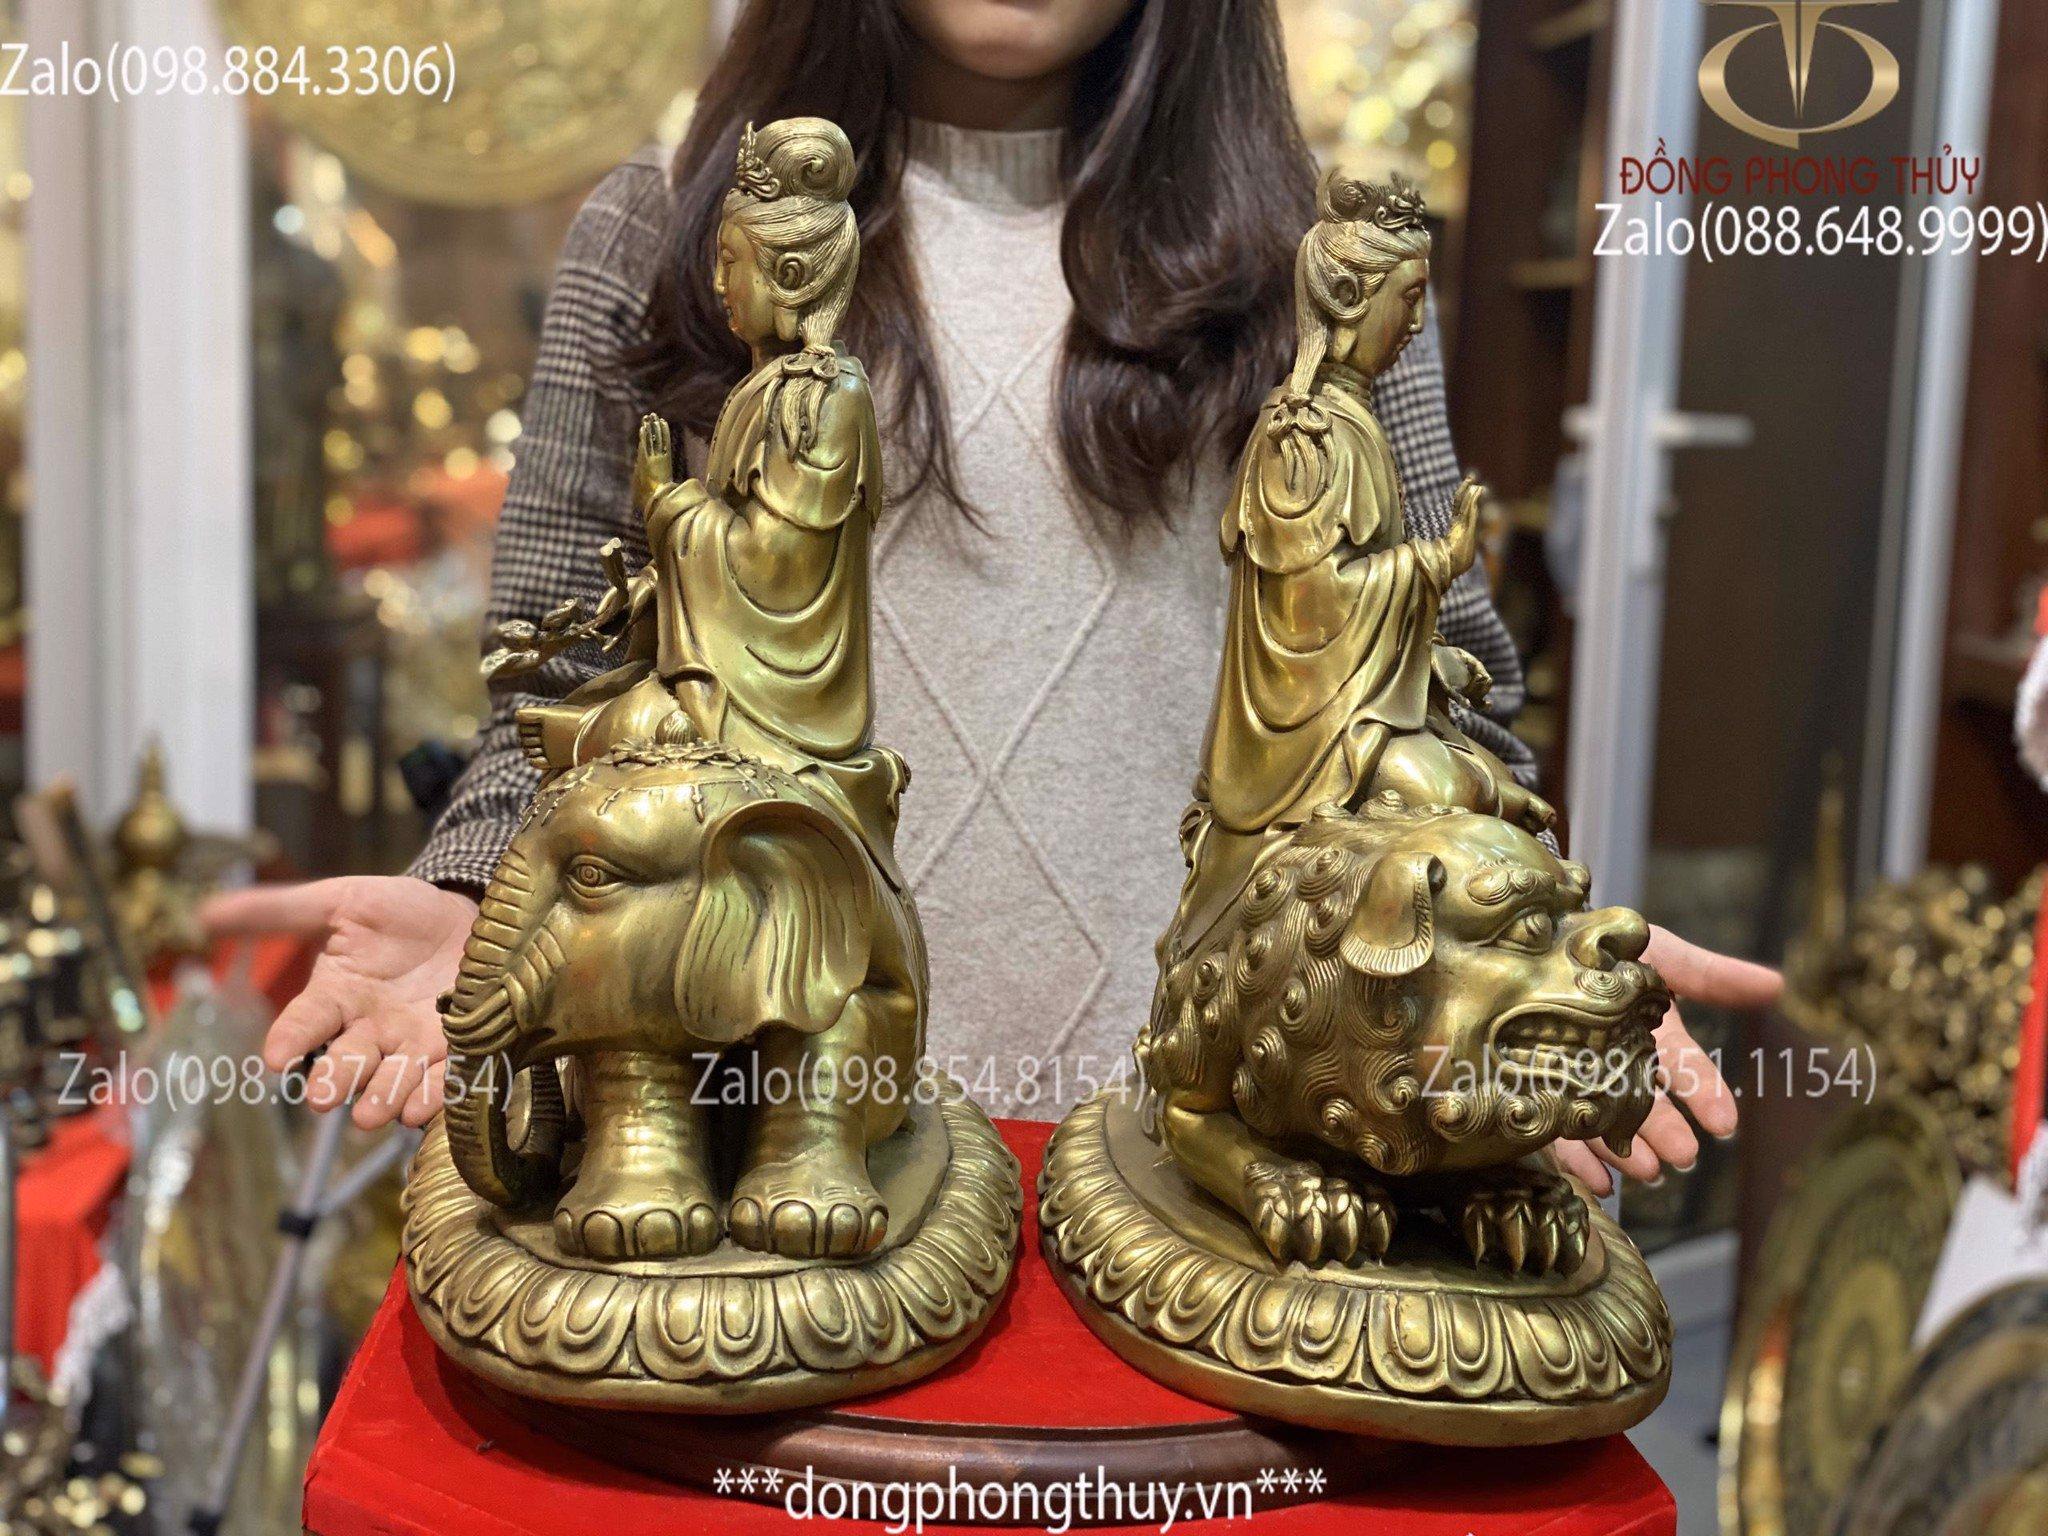 Tượng Văn Thù Phổ Hiền Bồ Tát Bằng Đồng Cao 41cm